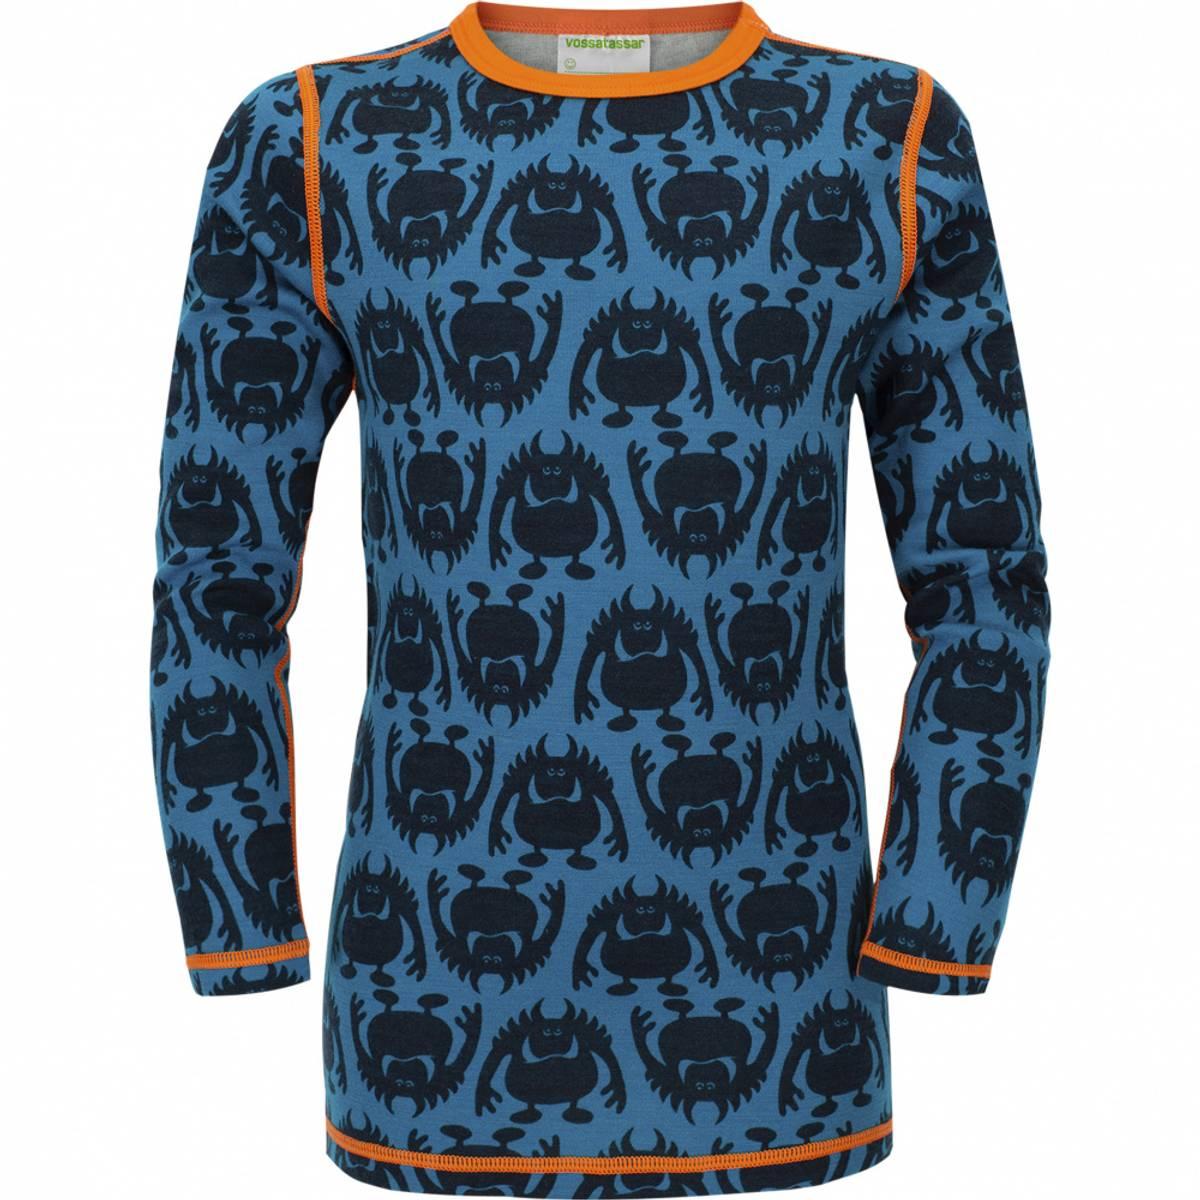 Blå Vossatassar Monsterull trøye